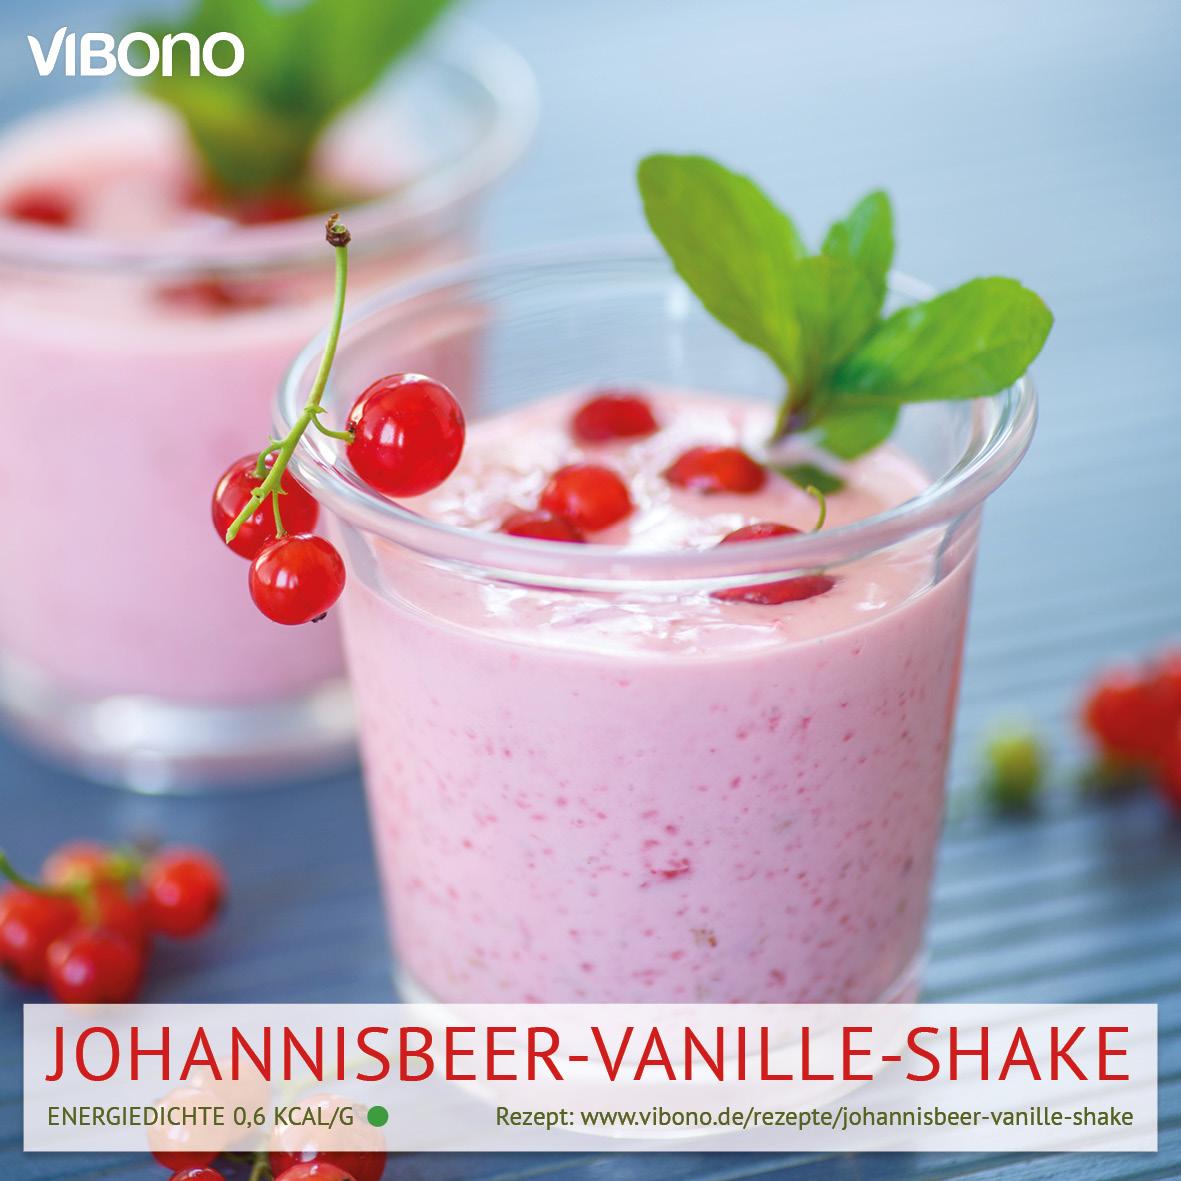 Johannisbeer-Vanille-Shake